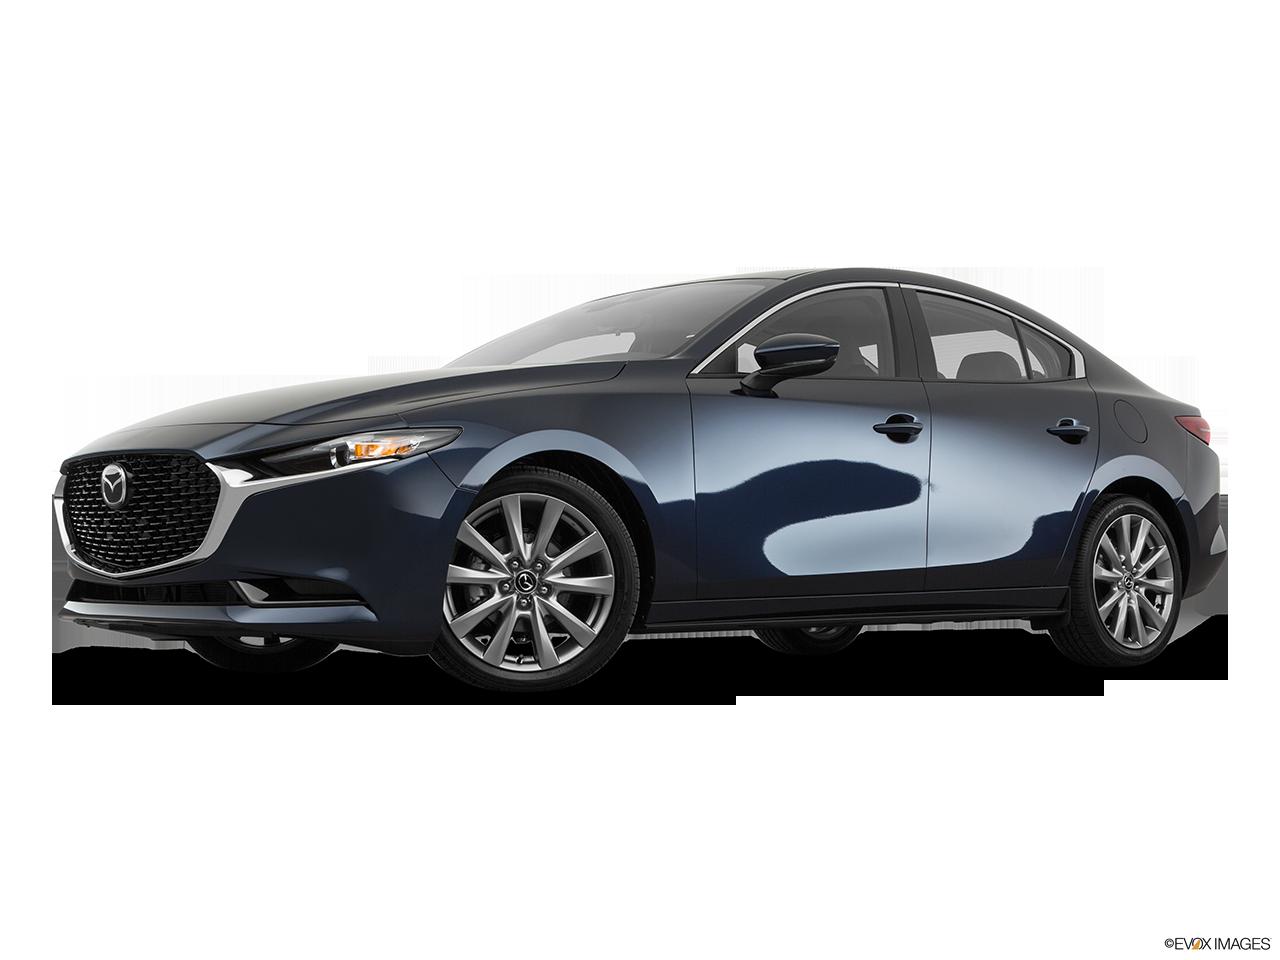 2019 Mazda Mazda3 Sedan photo